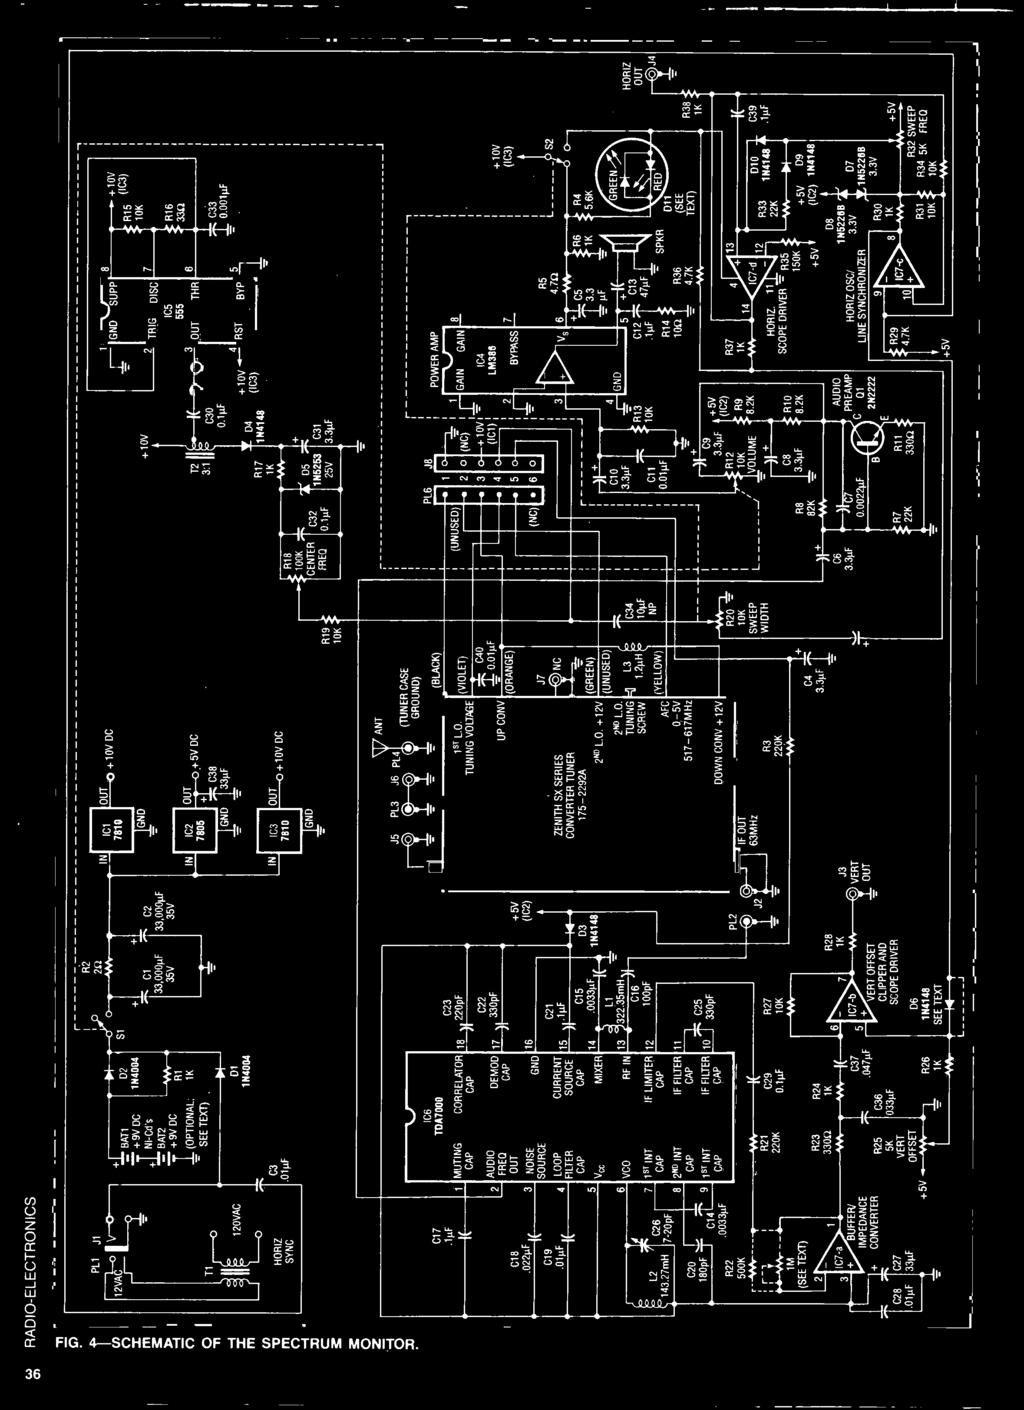 Lit Bébé Roulette Fraîche Ectre Build This Spectrum Monitor Op Ampinstr Architectures the